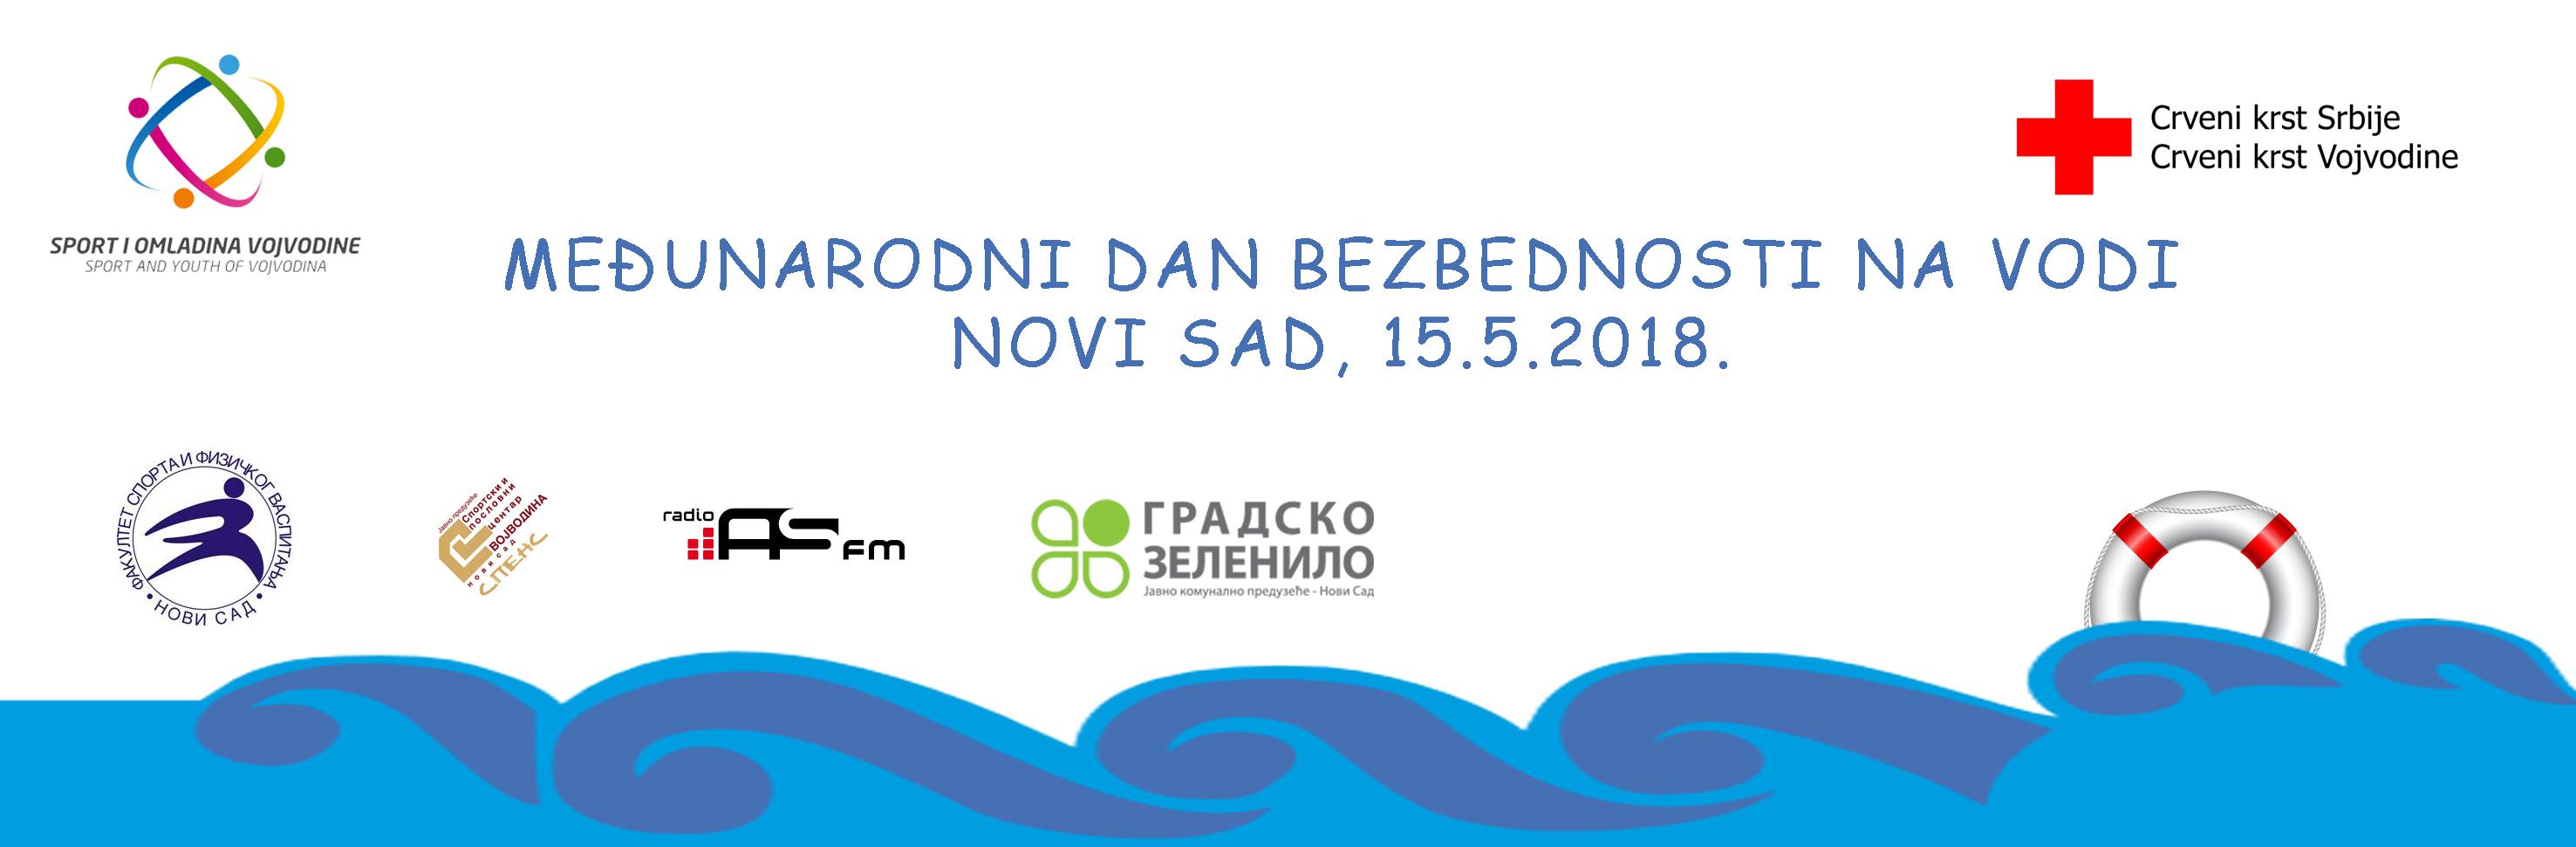 Međunarodni dan bezbednosti na vodi